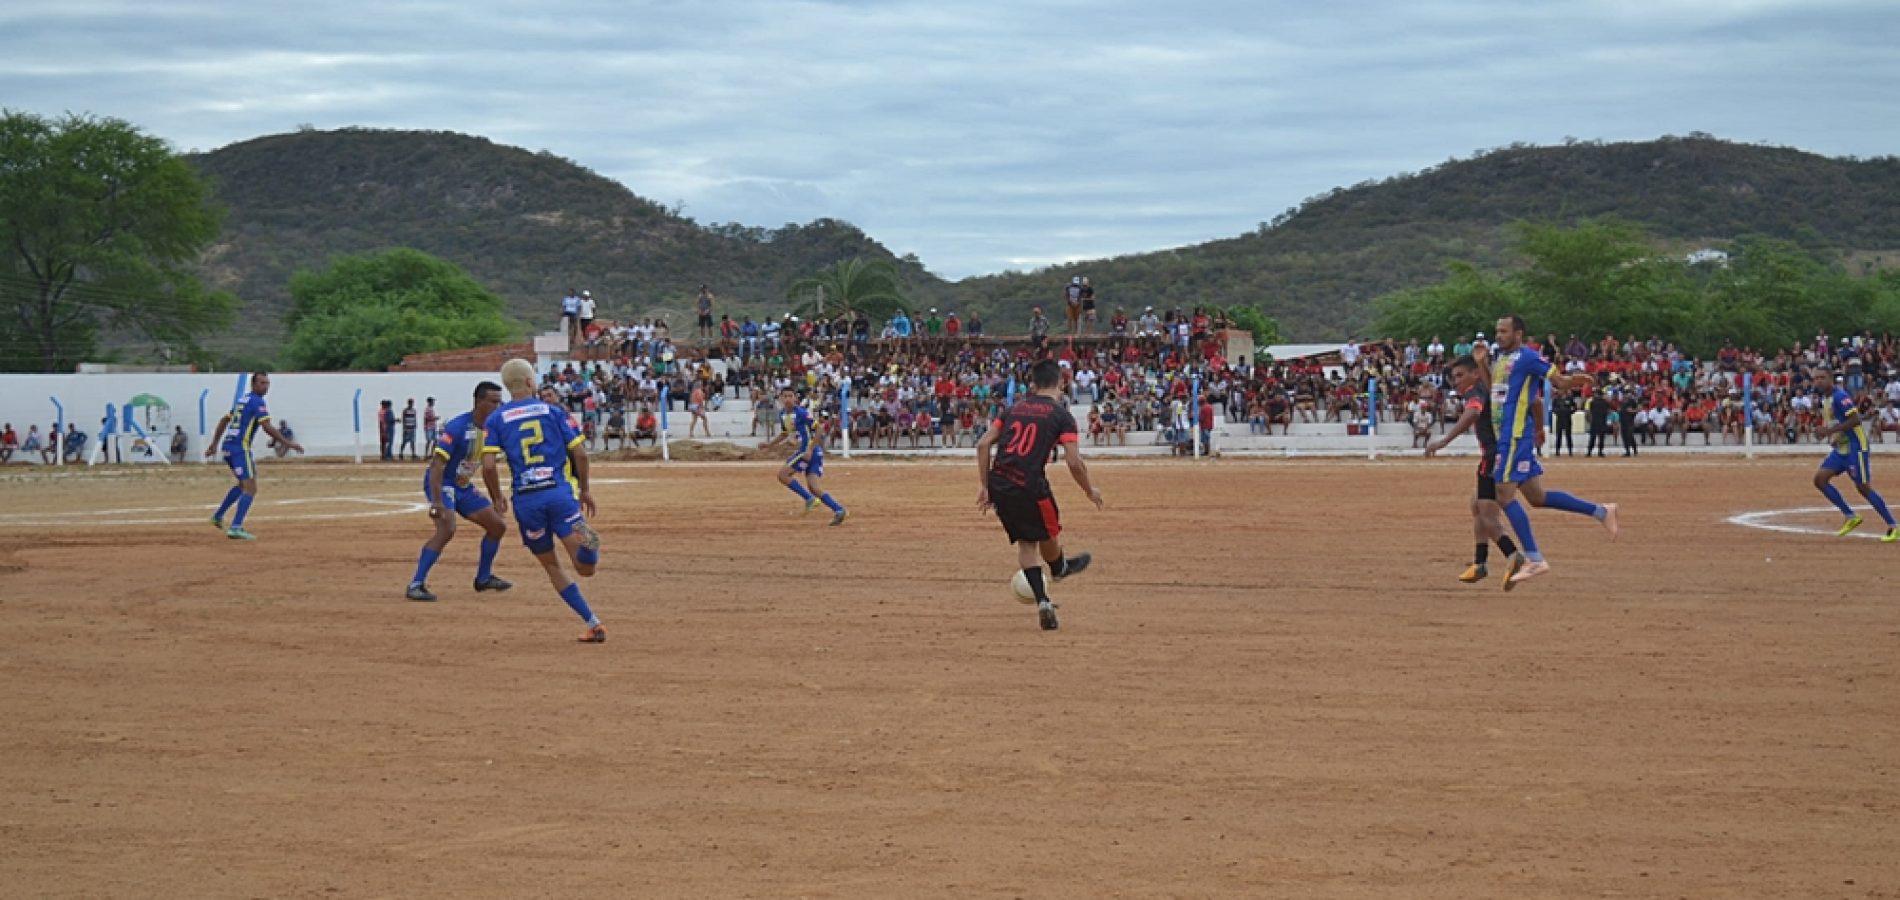 Veja os resultados da 9ª rodada do Campeonato de Futebol Amador de Simões